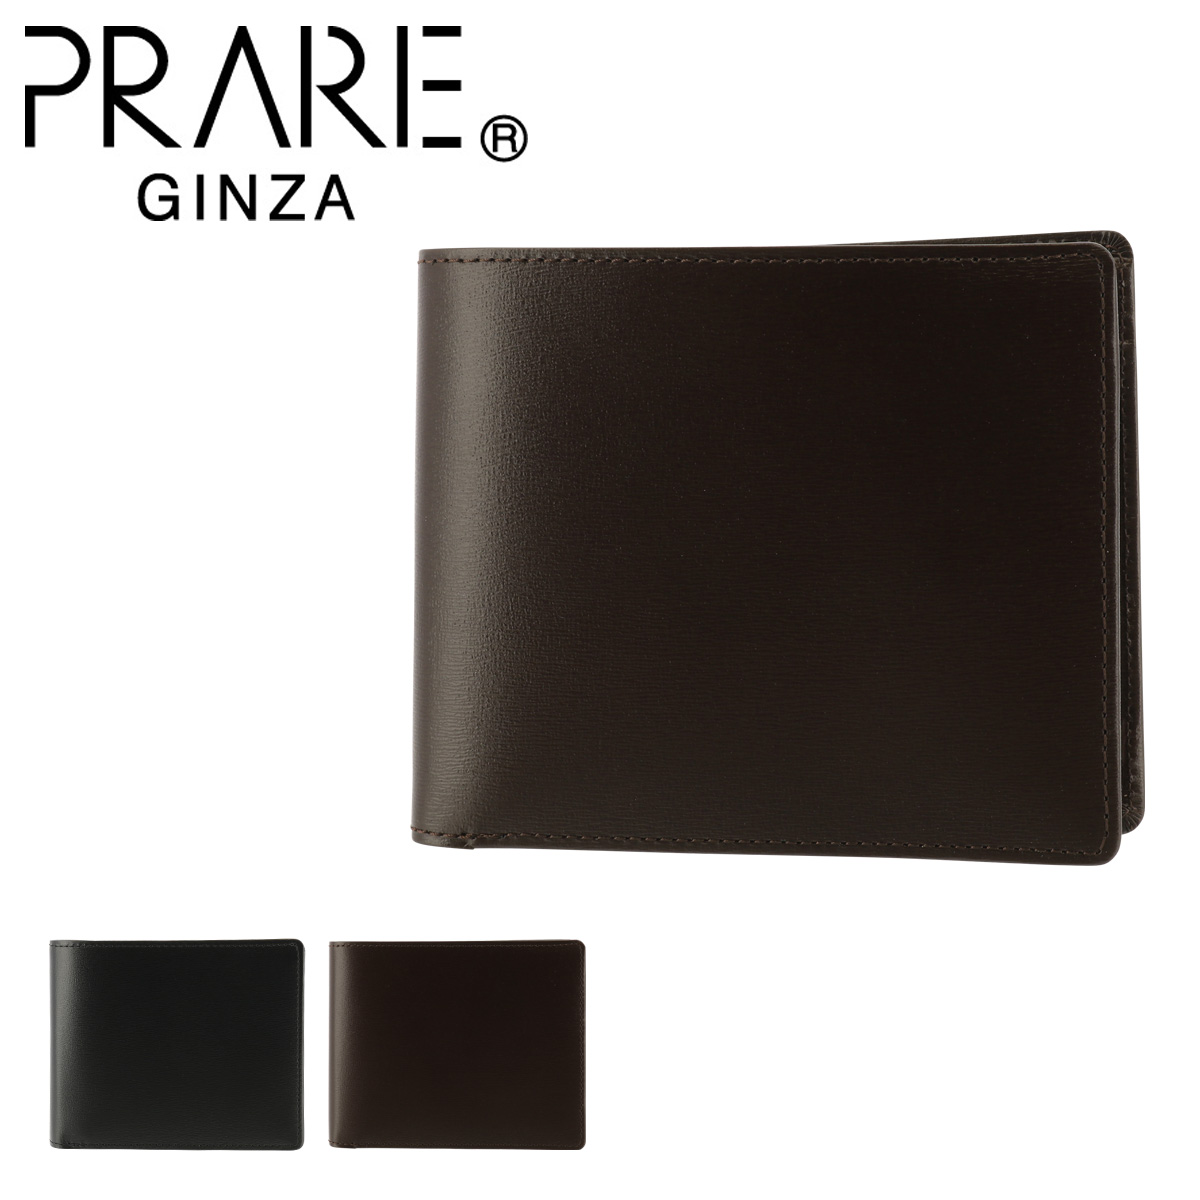 プレリー ギンザ 二つ折り財布 ボックスカーフ メンズ NP56118 日本製 PRAIRIE GINZA | 牛革 本革 カーフスキン[PO10][bef]